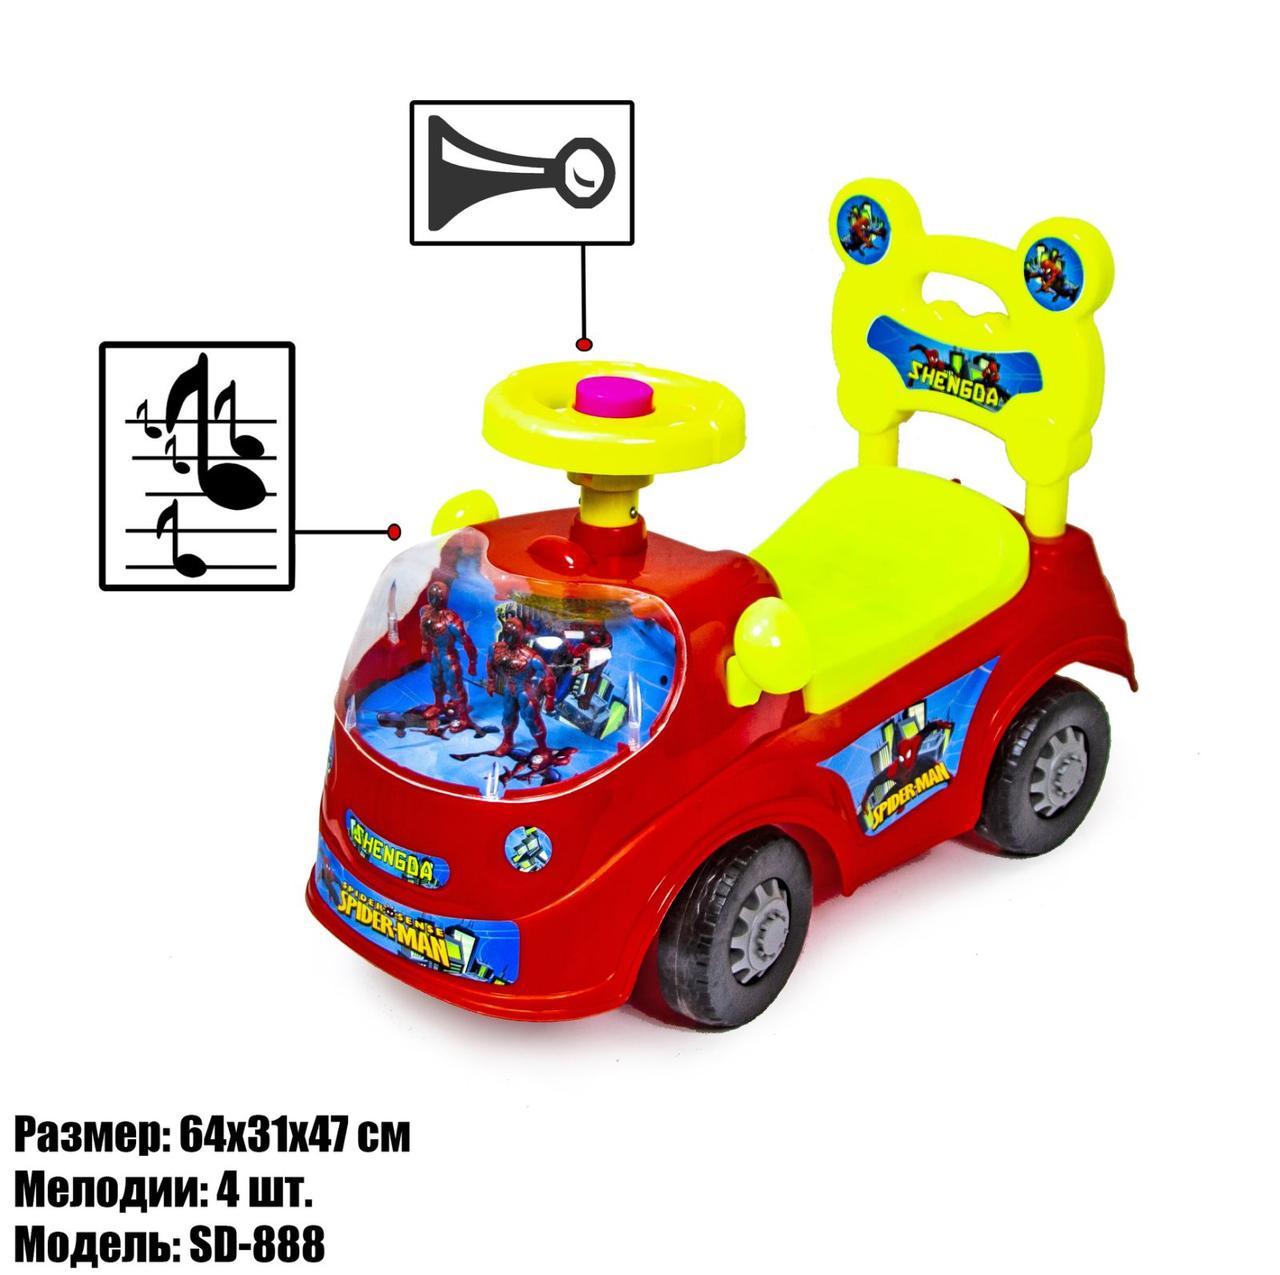 Машинка толокар музична каталка для прогулянок 4 мелодії Spiderman 888 Червоний